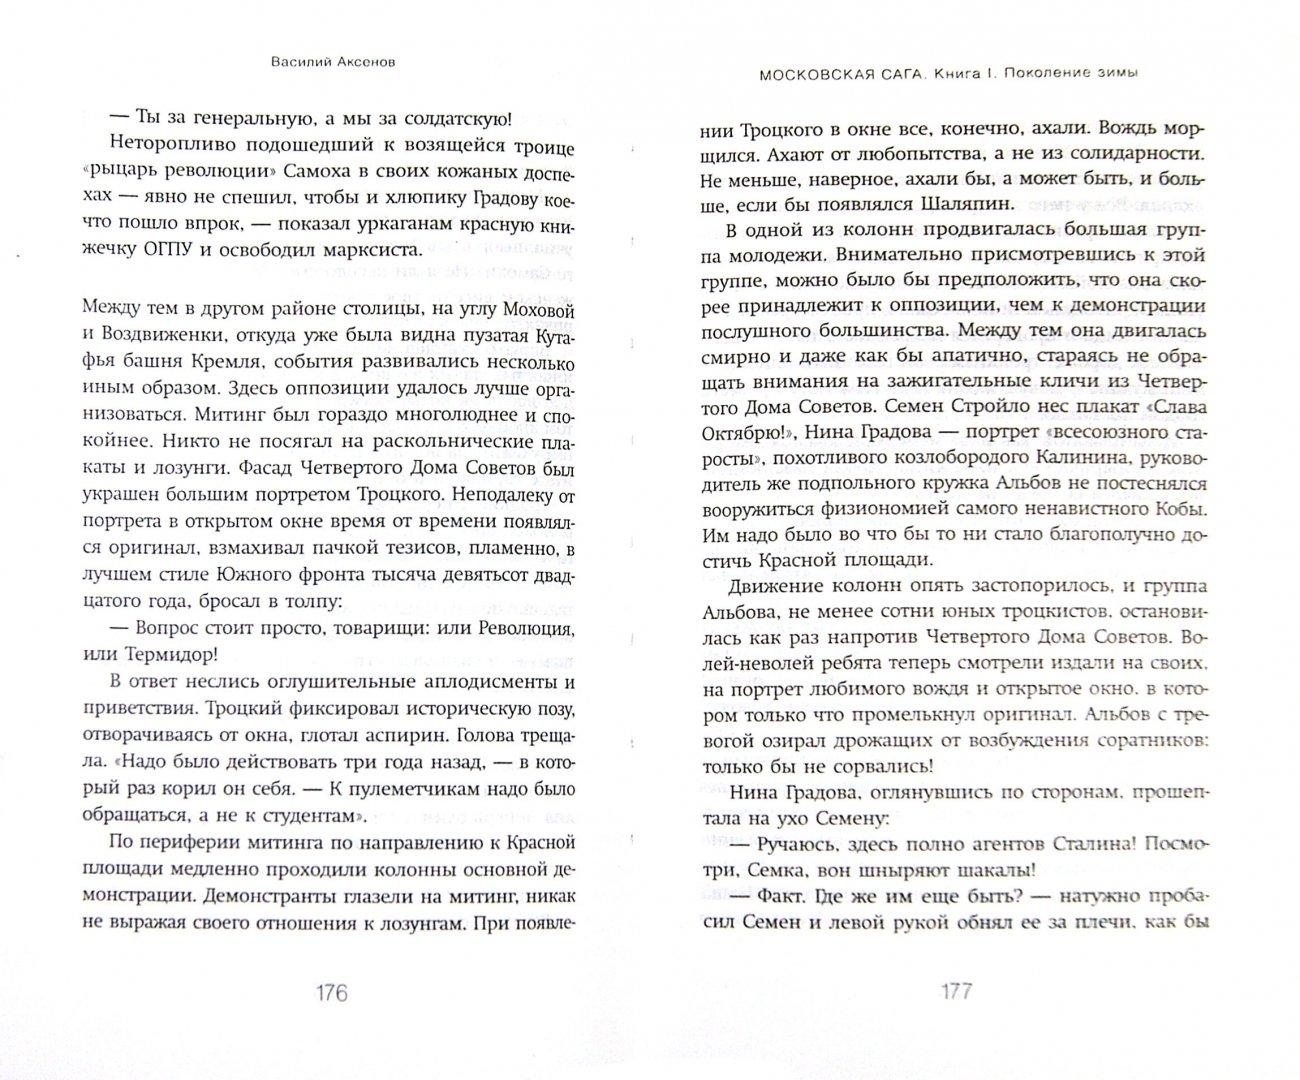 Иллюстрация 1 из 6 для Московская сага. Книга I. Поколение зимы - Василий Аксенов   Лабиринт - книги. Источник: Лабиринт